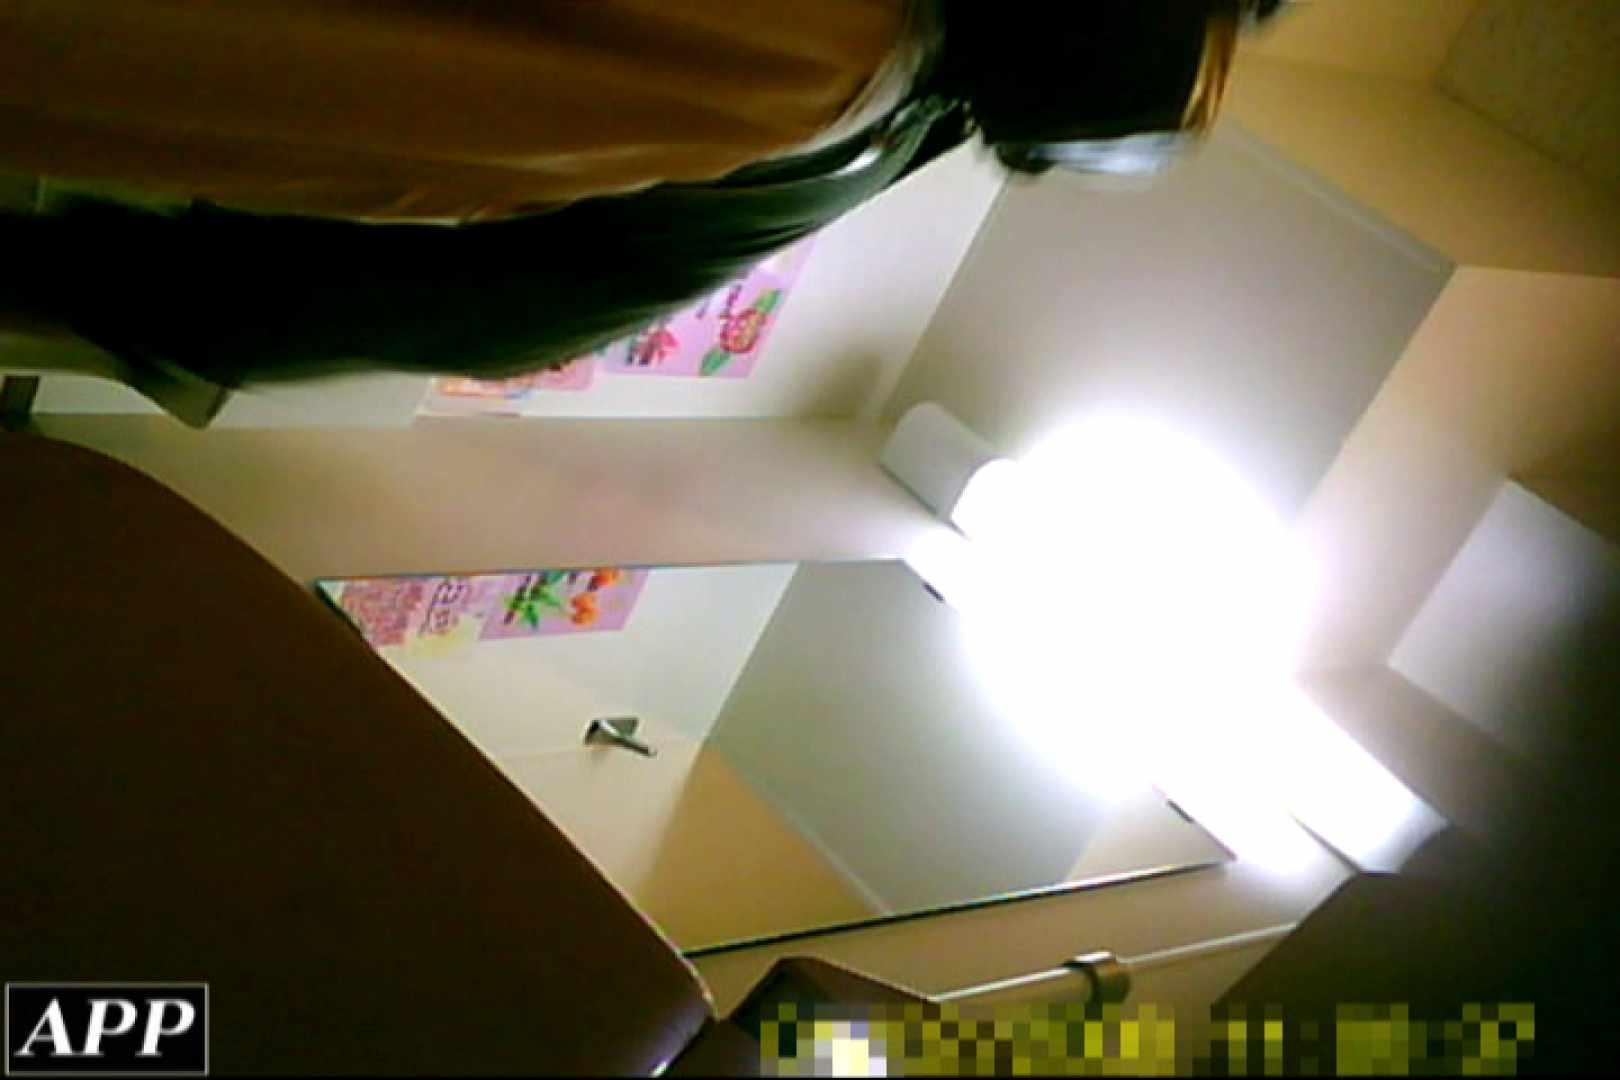 3視点洗面所 vol.118 女体盗撮 | 洗面所  106連発 85